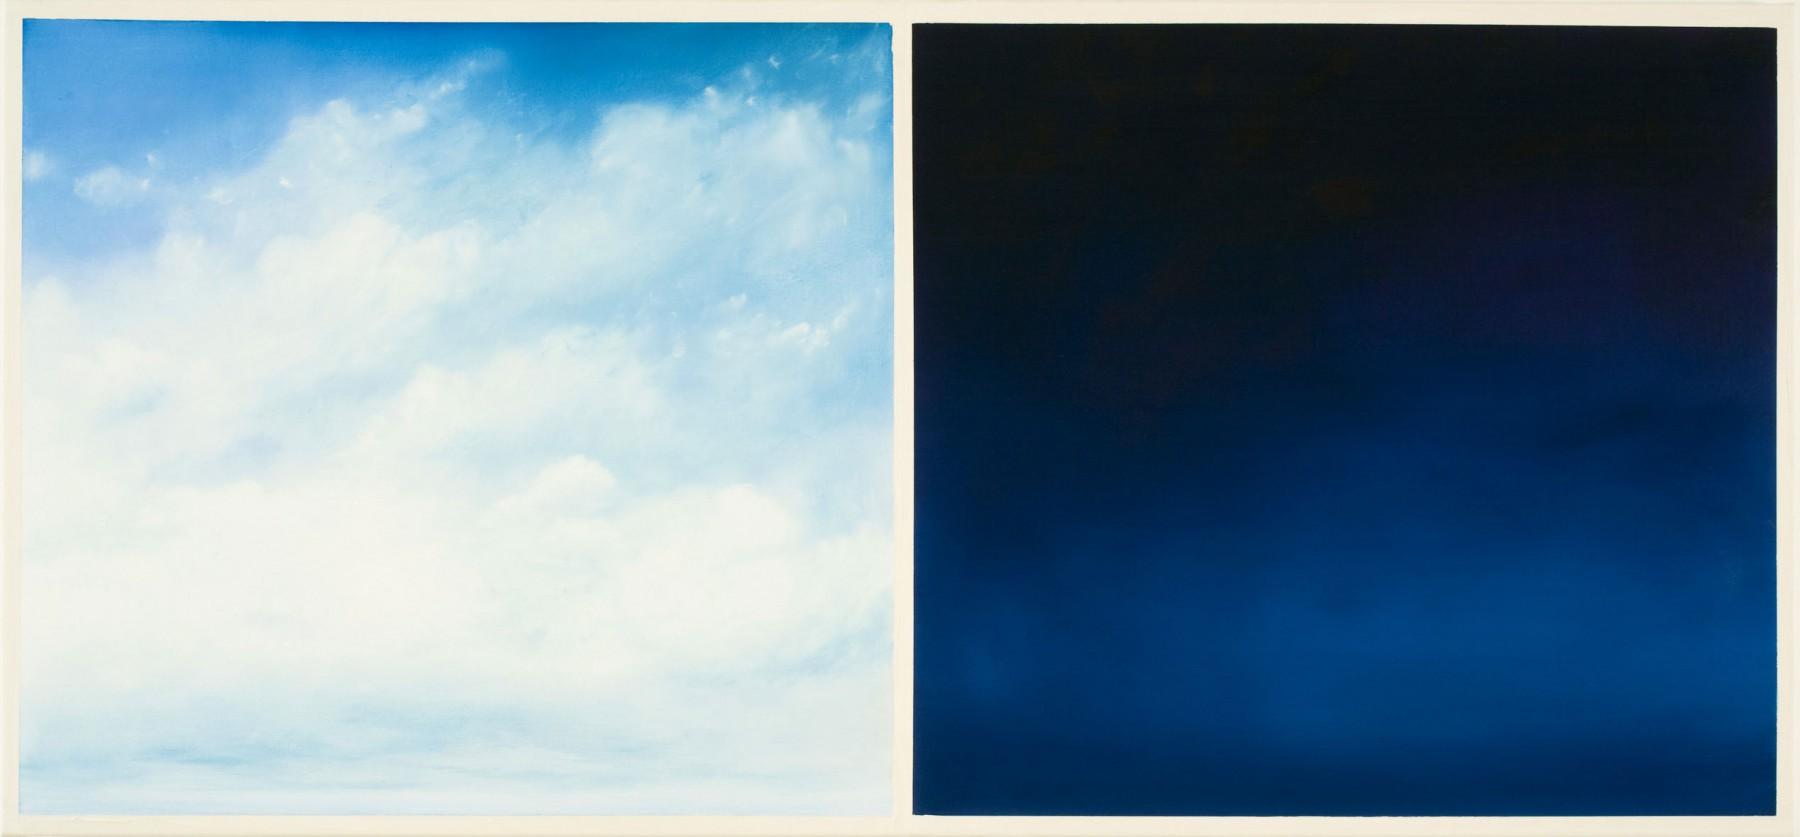 Mirroring, 2010